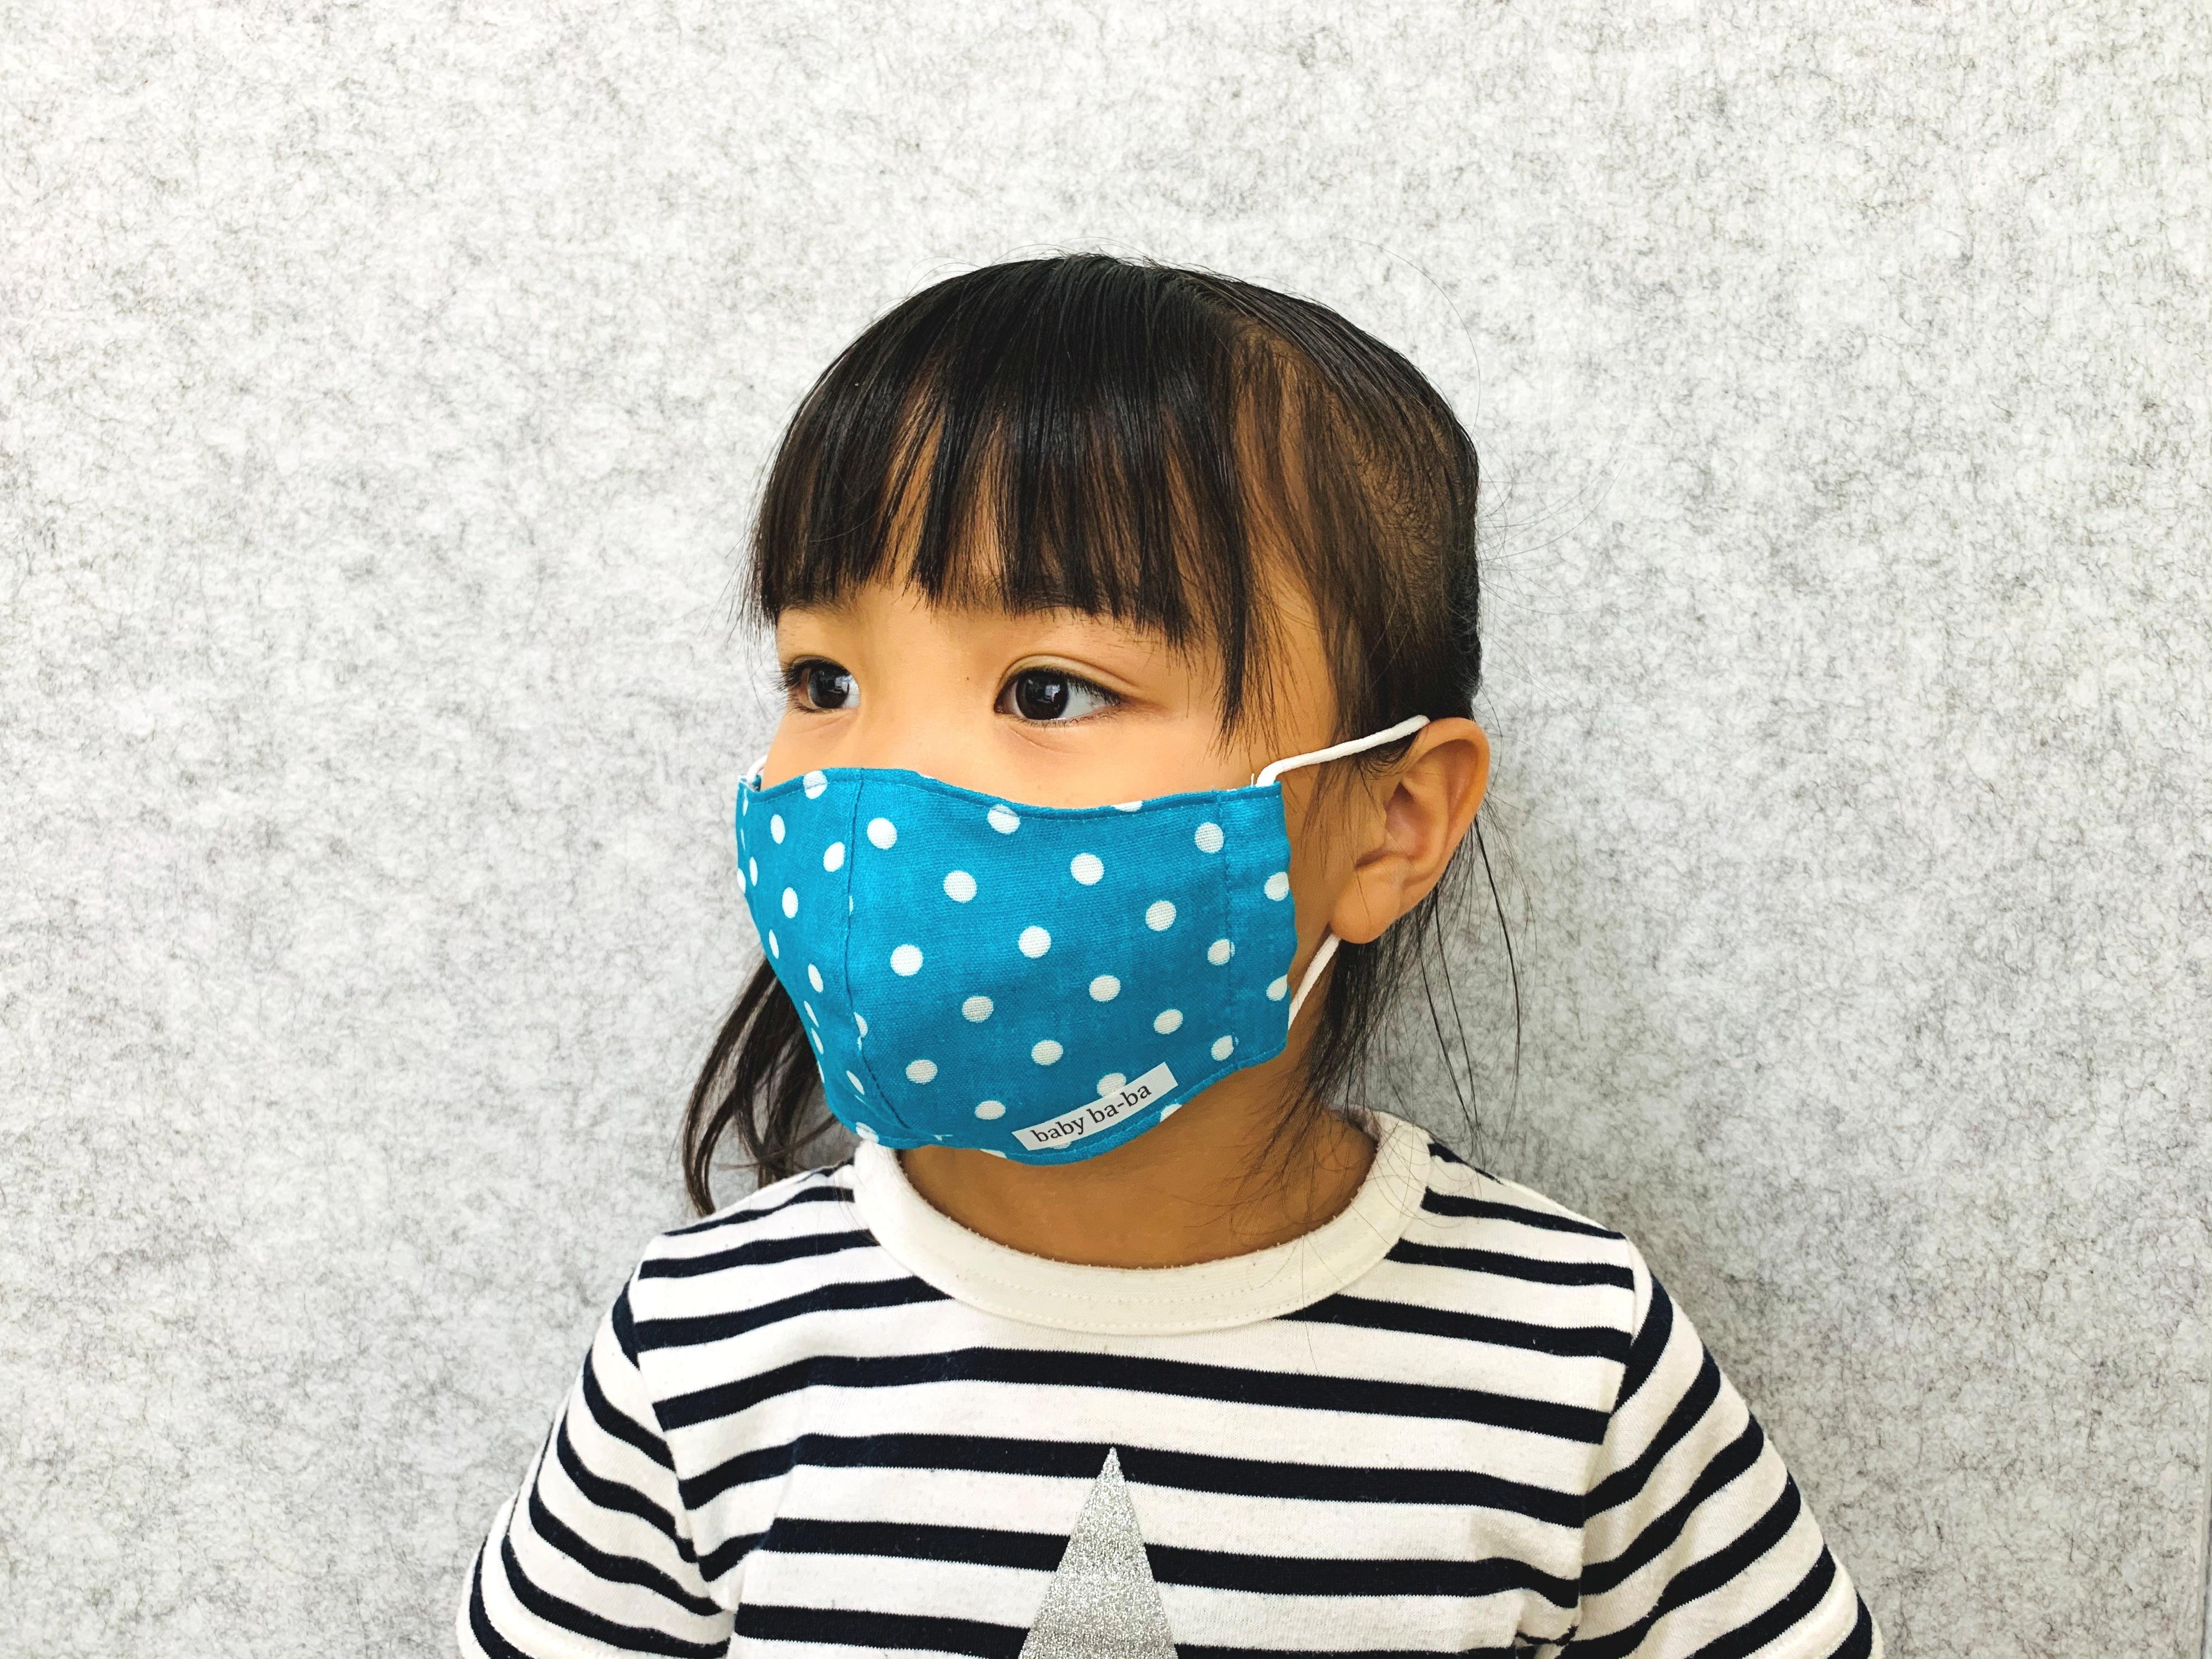 熱がこもりにくい春夏用 立体マスク 幼児サイズ(3歳~6歳)・トルコブルードット